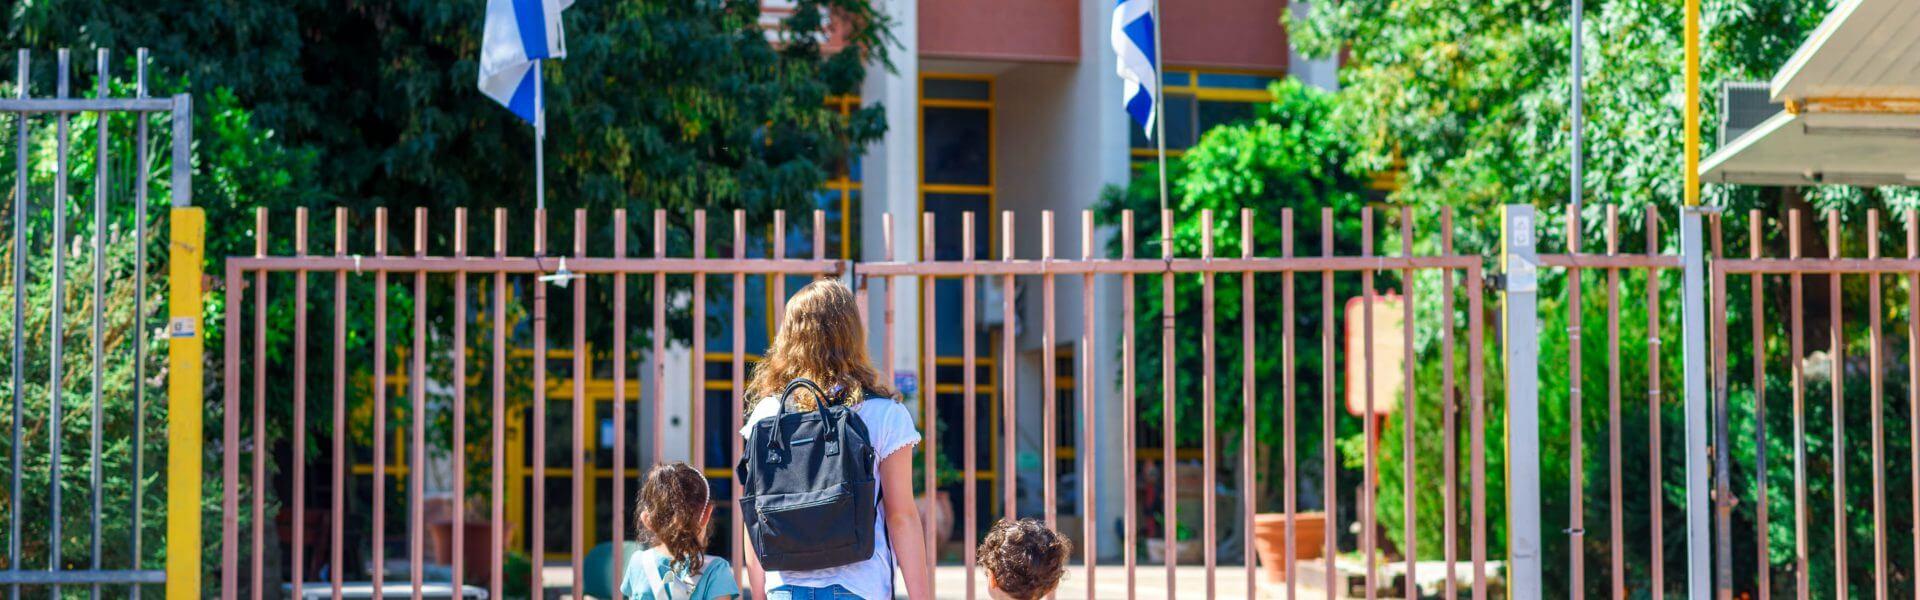 כניסה לבית הספר, באדיבות שאטרסטוק